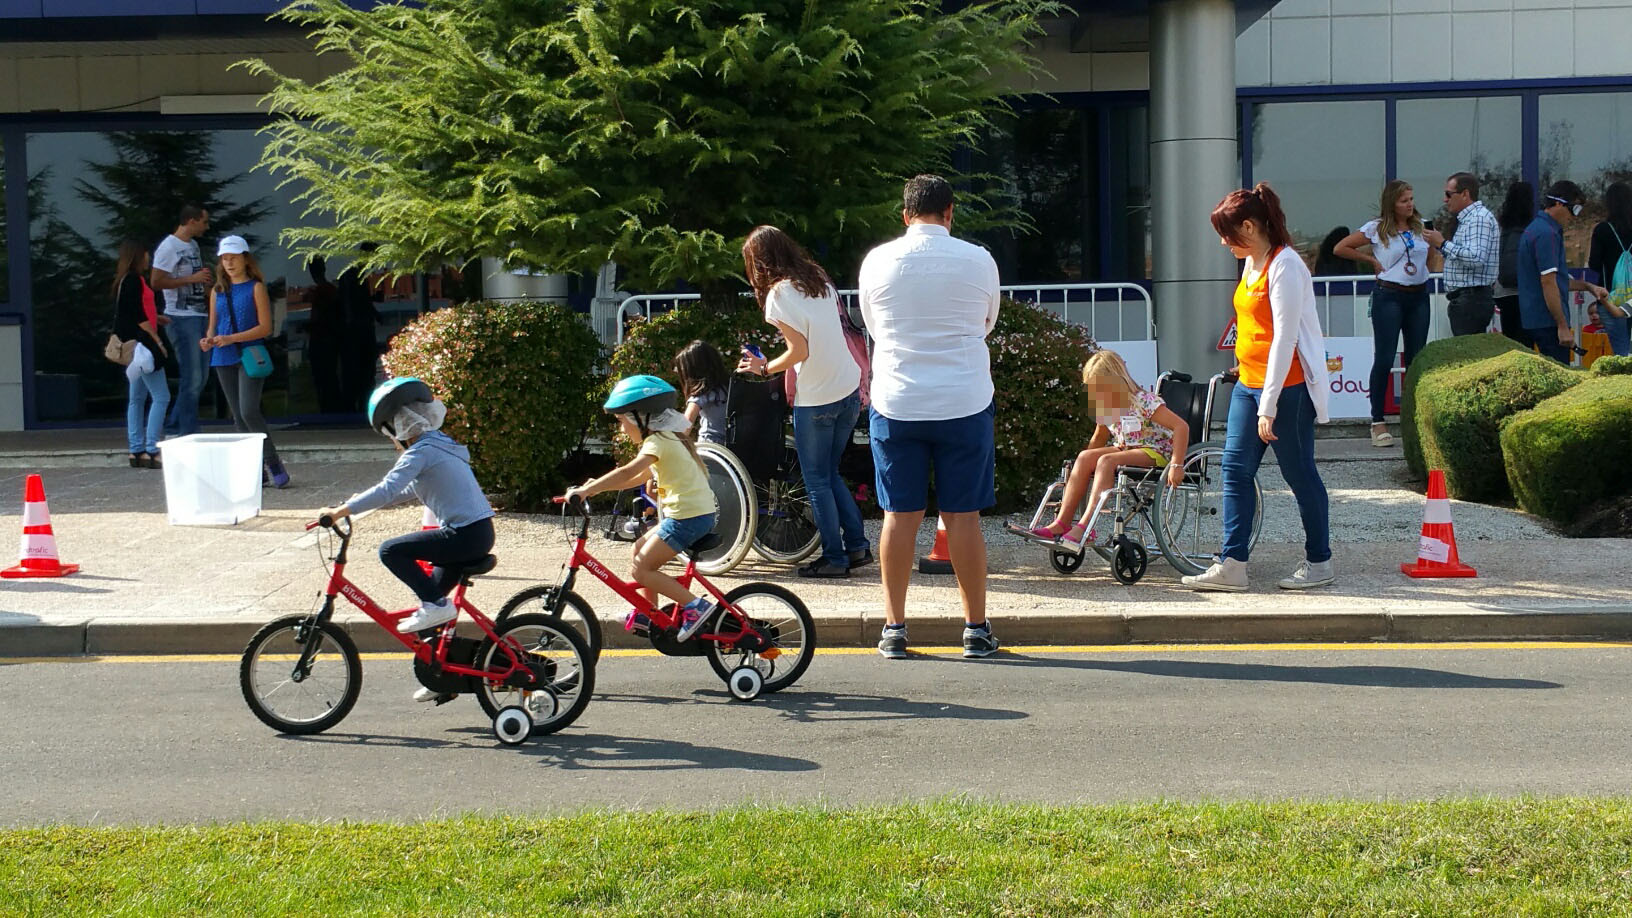 Trabajadores y familiares de Qualicaps disfrutan de un día de seguridad vial de la mano de Fundtrafic